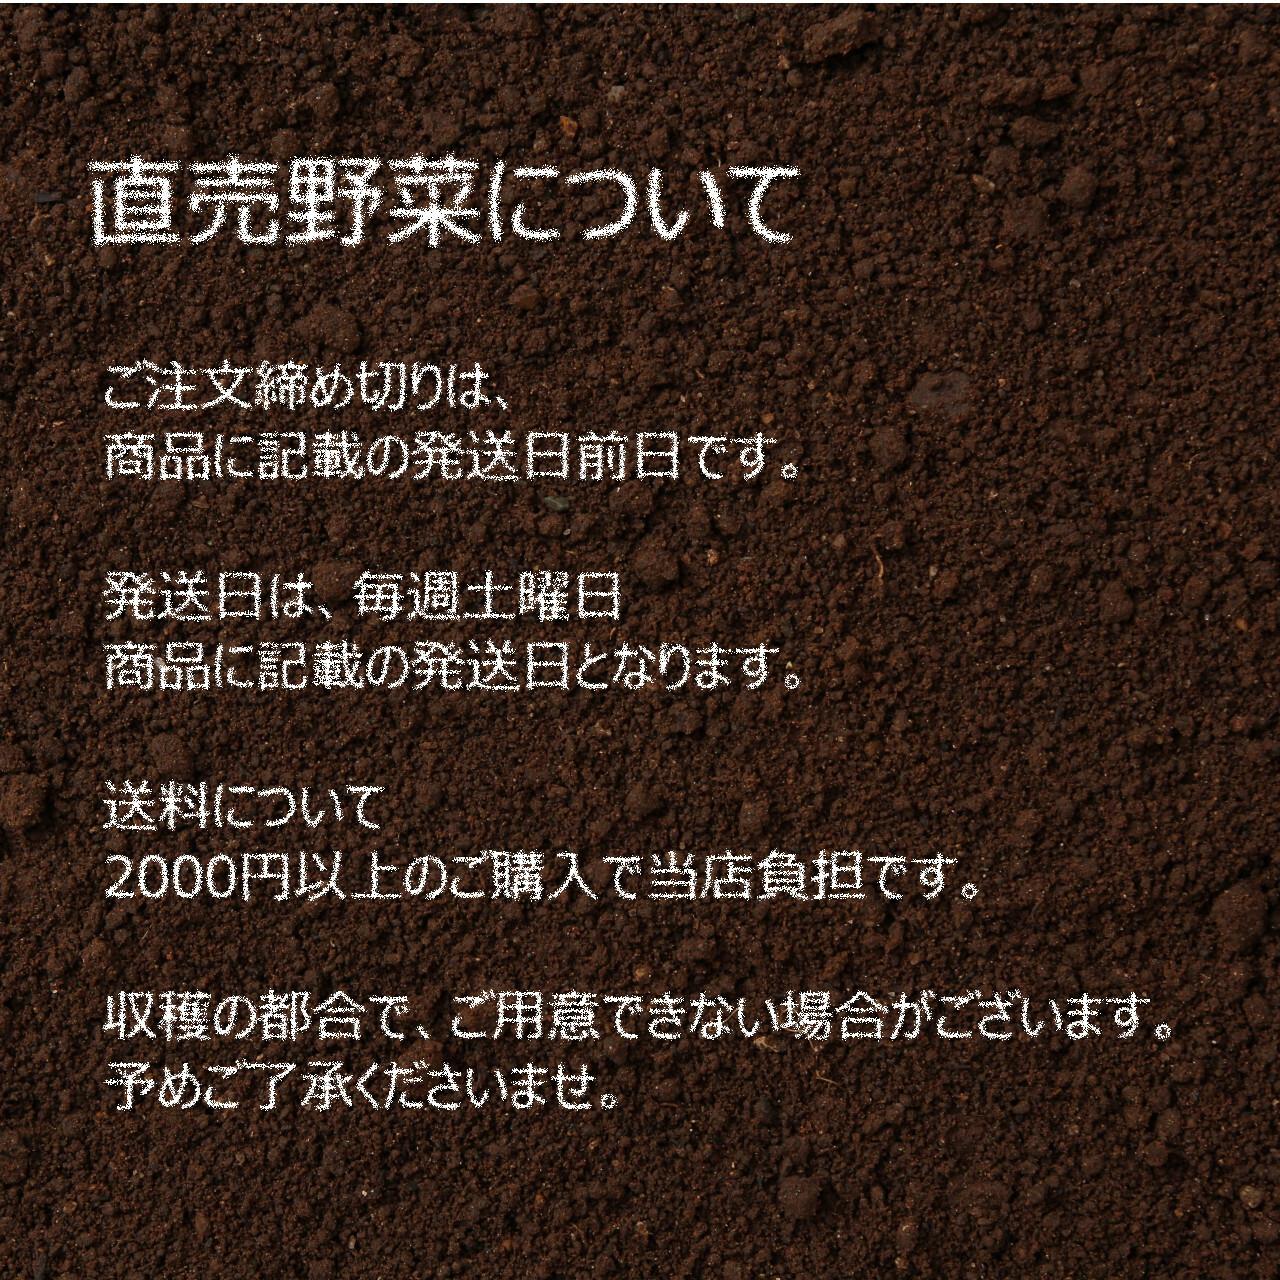 新鮮な冬野菜 : ネギ 3~4本 11月の朝採り直売野菜 11月21日発送予定